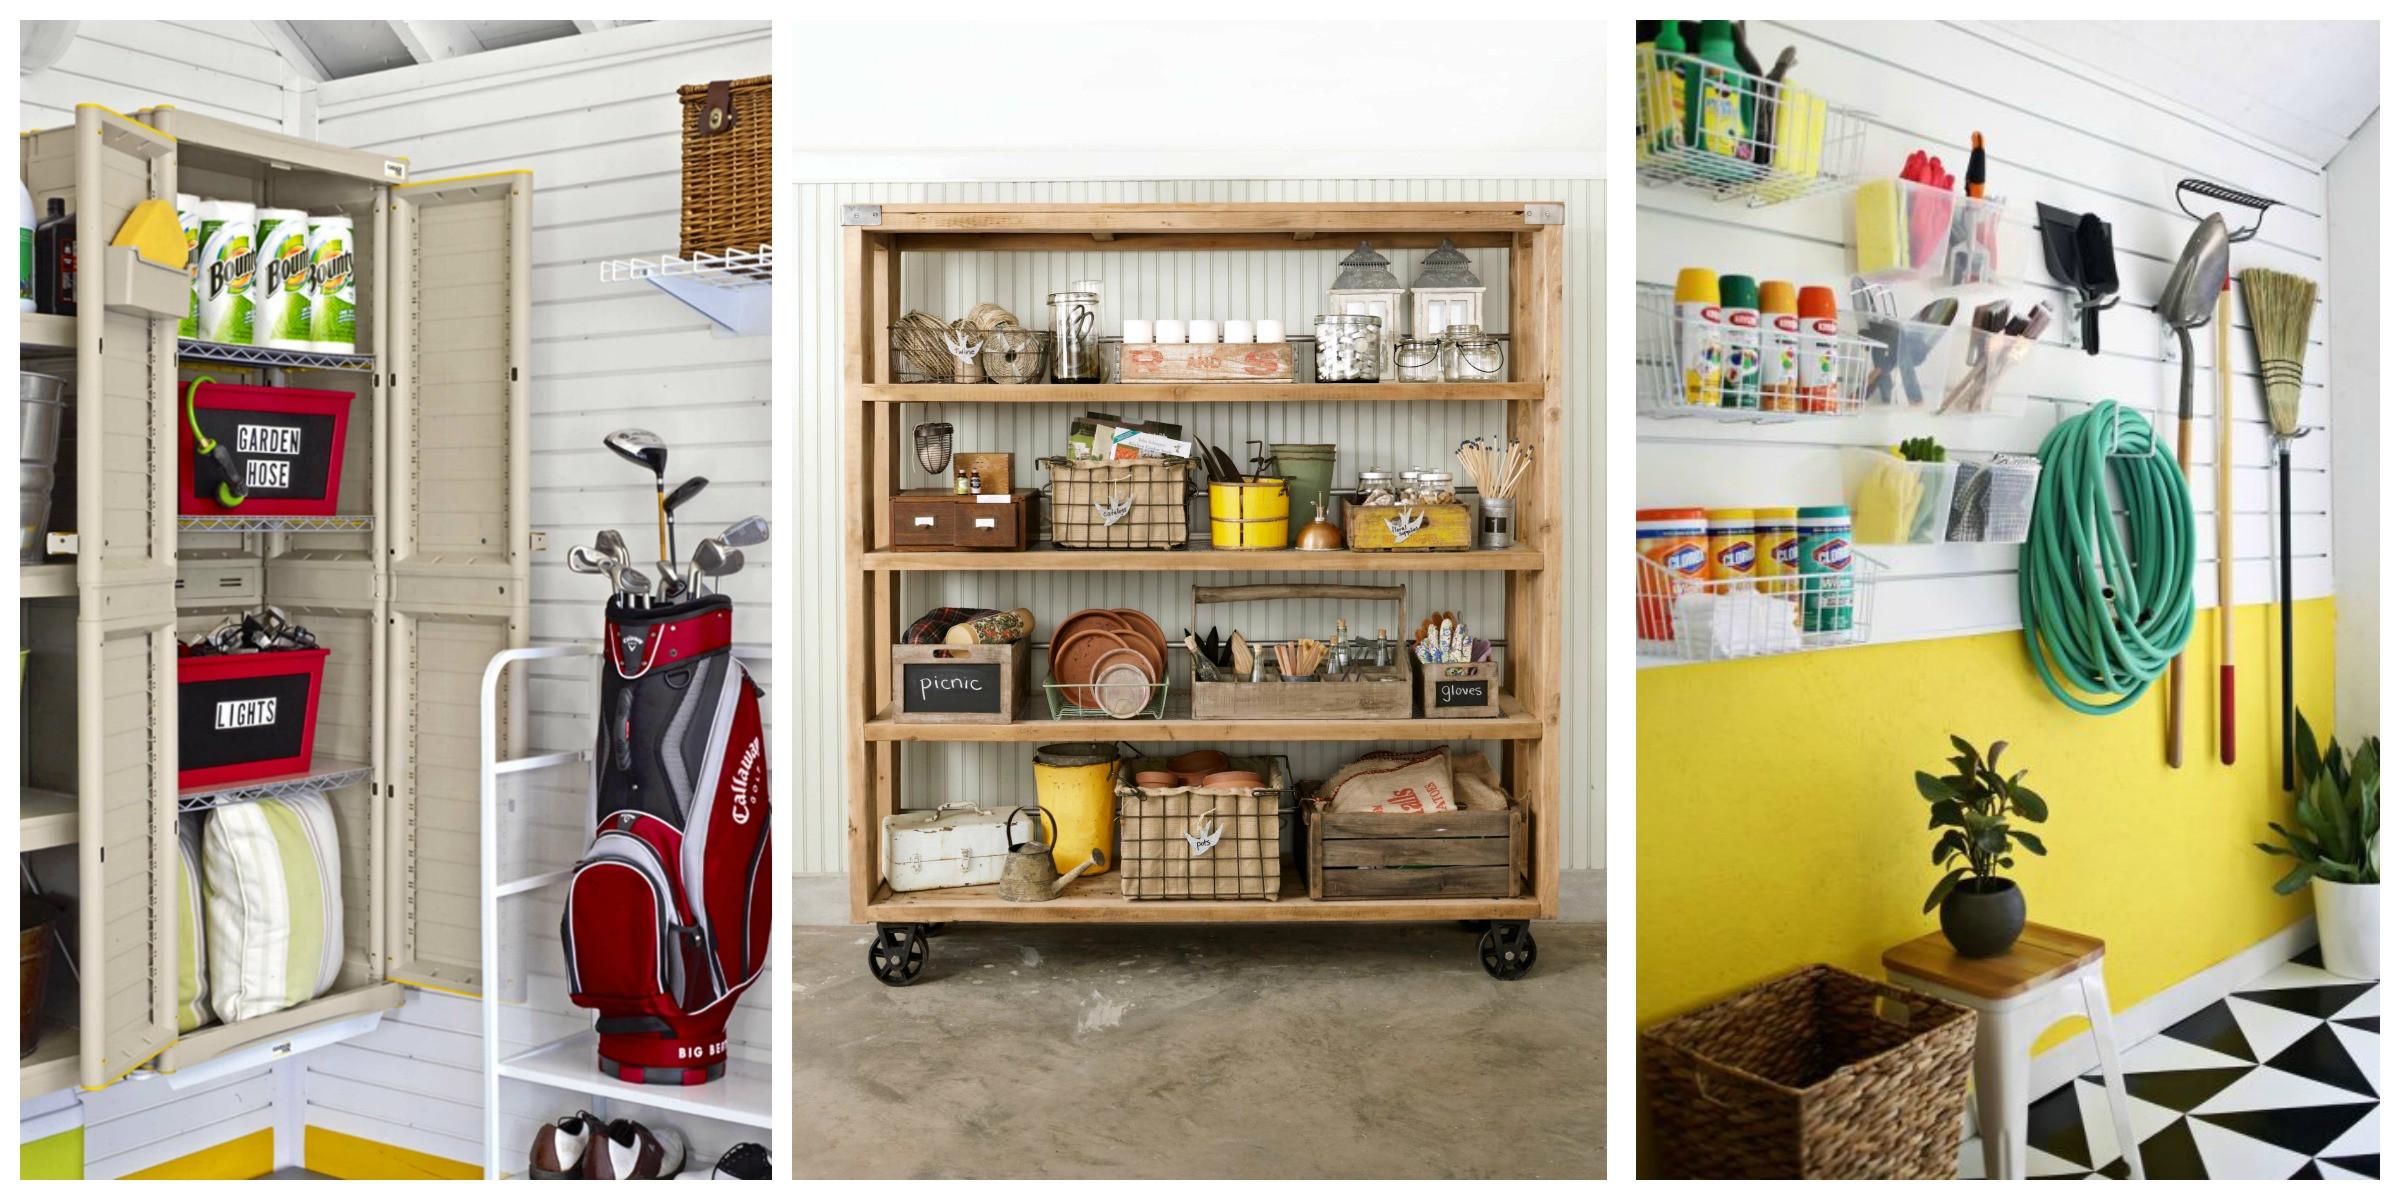 Garage Organizer Ideas Diy  14 of the Best Garage Organization Ideas on Pinterest